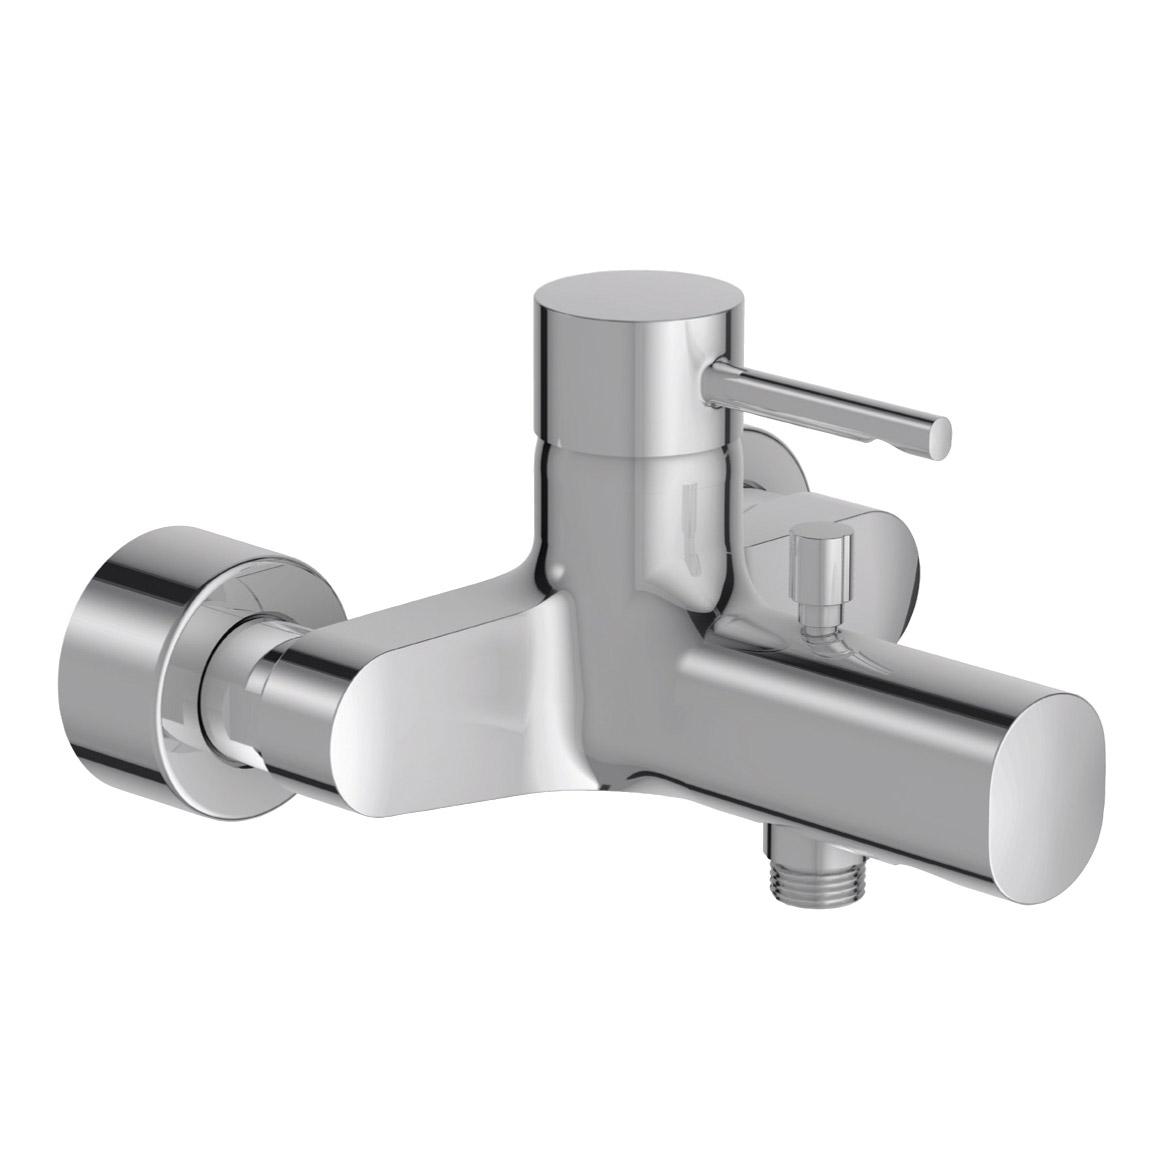 Купить Смеситель для ванны Jacob Delafon Cuff E45532-CP, смеситель, Франция, хром